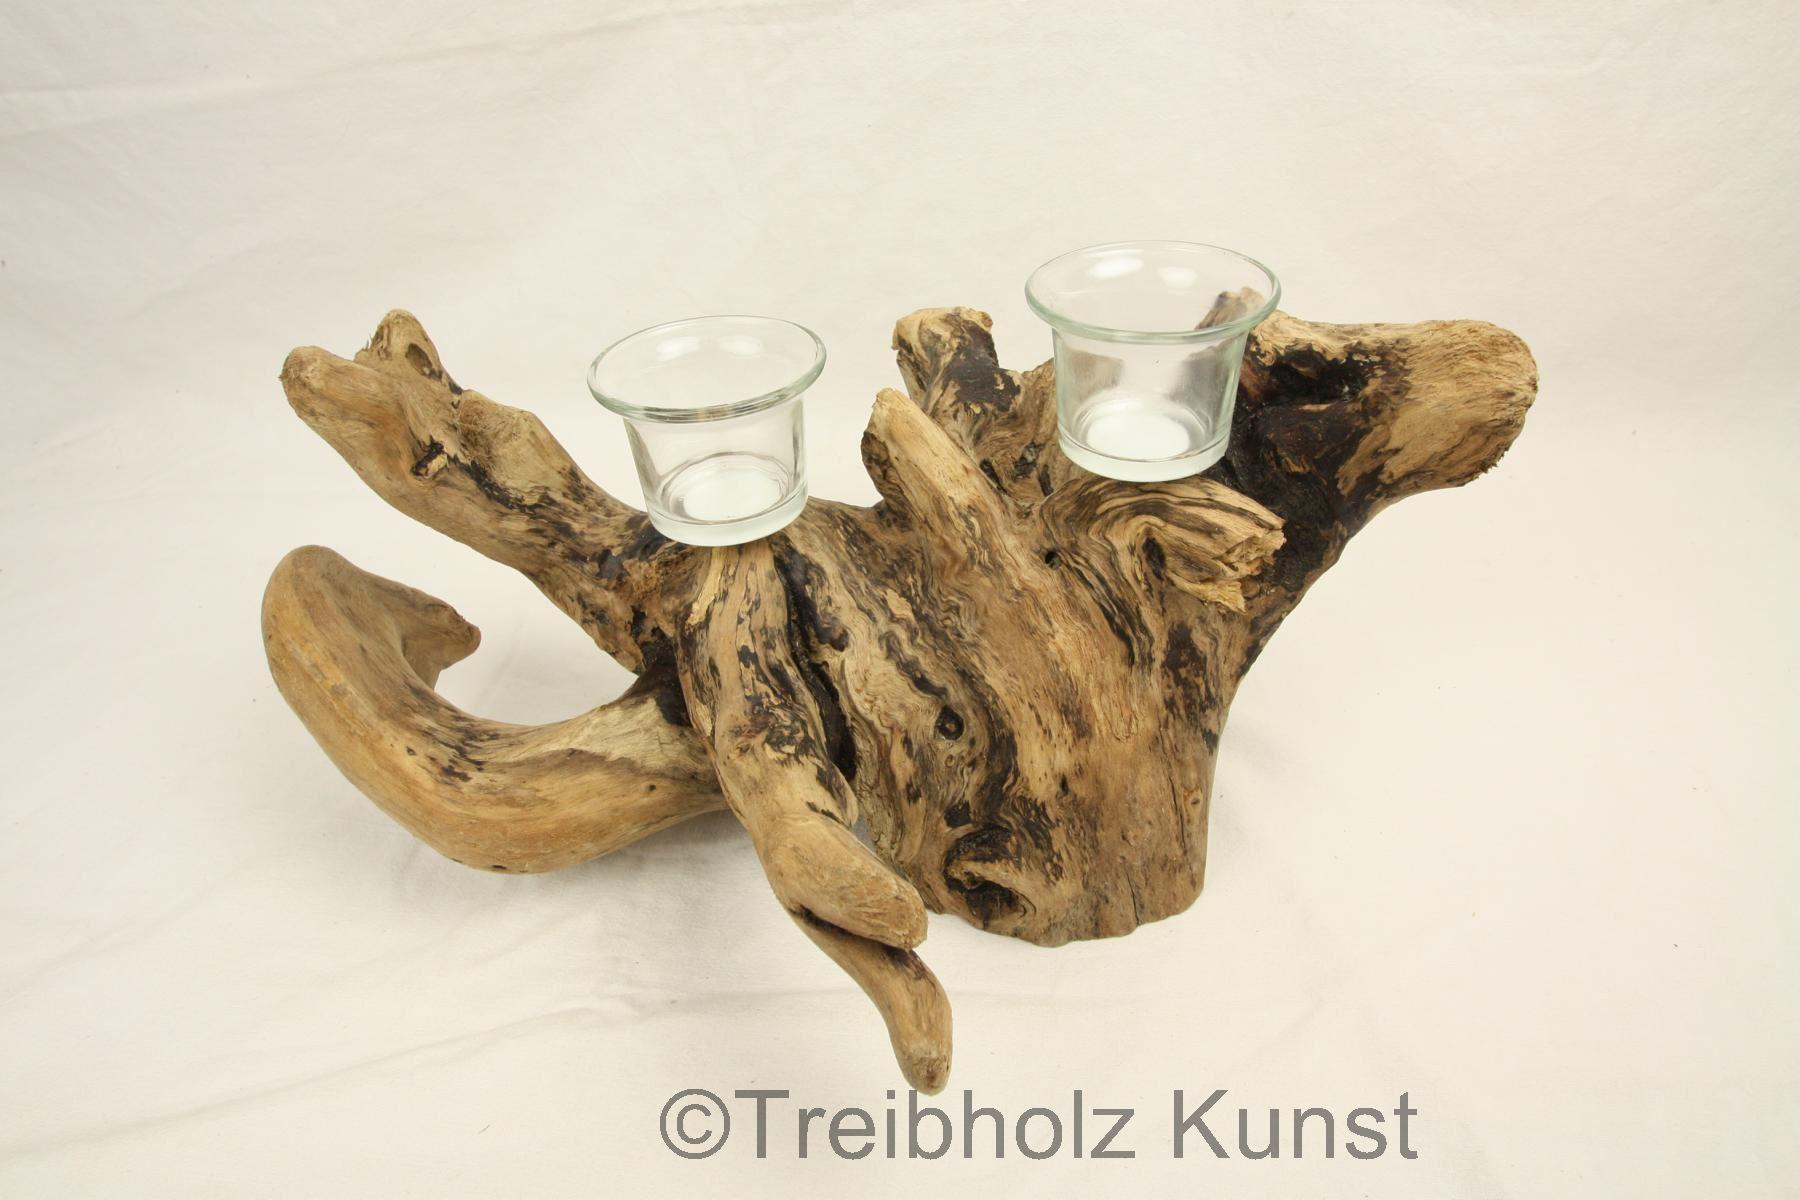 Treibholz kunst jens g rtler souvenirartikel geschenkartikel unikate - Weihnachtsdeko treibholz ...